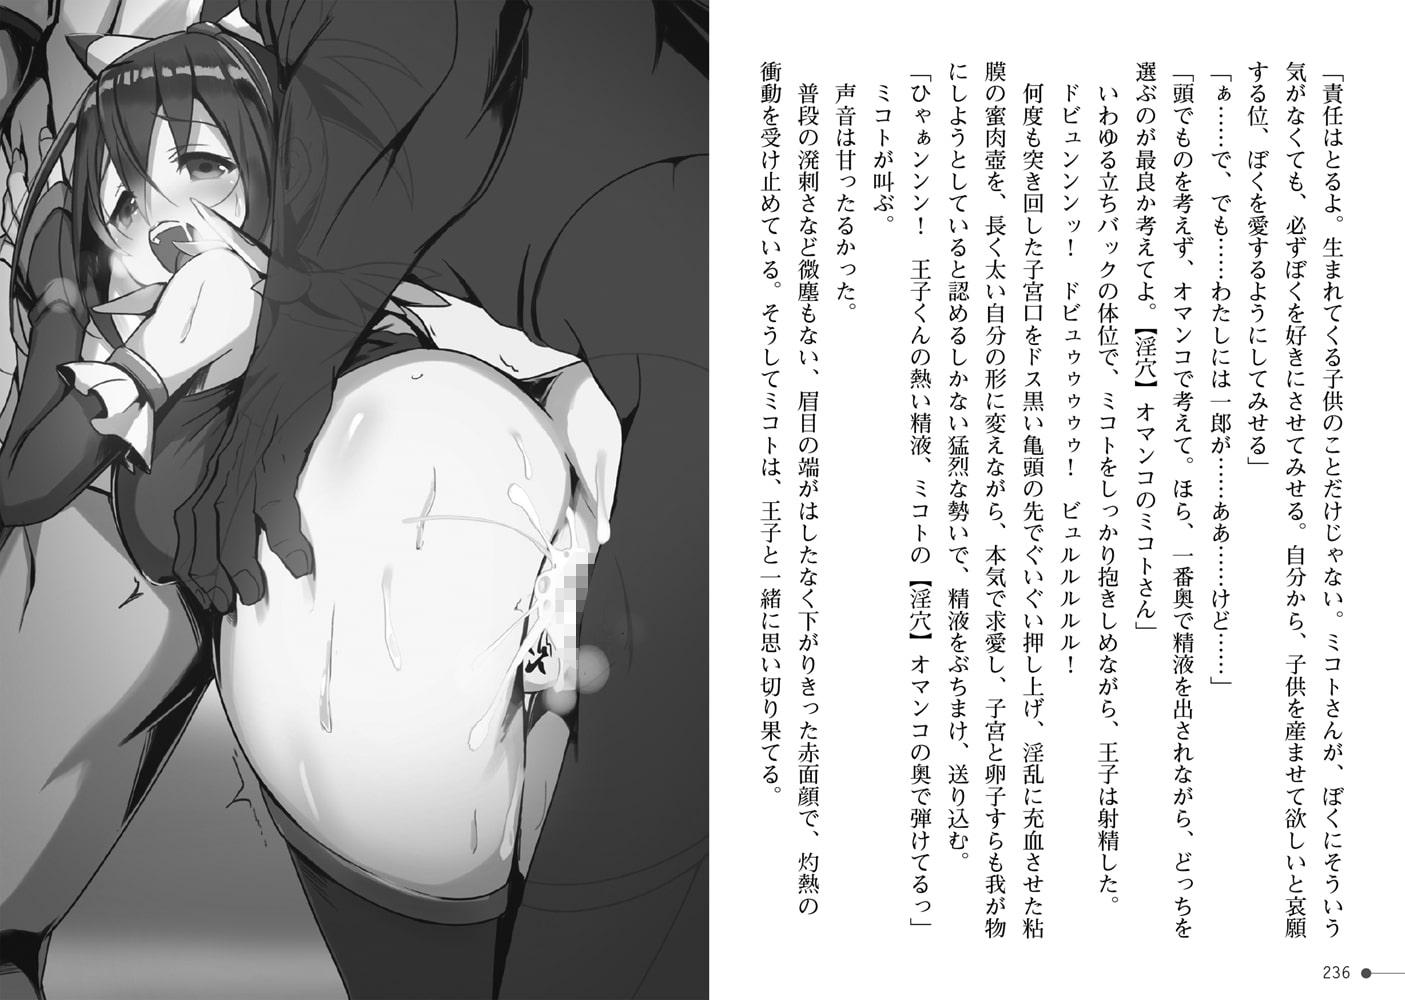 健昂優良ビビッド・ガール 淫らな体育祭で寝取られる淫紋ヒロインのサンプル画像2